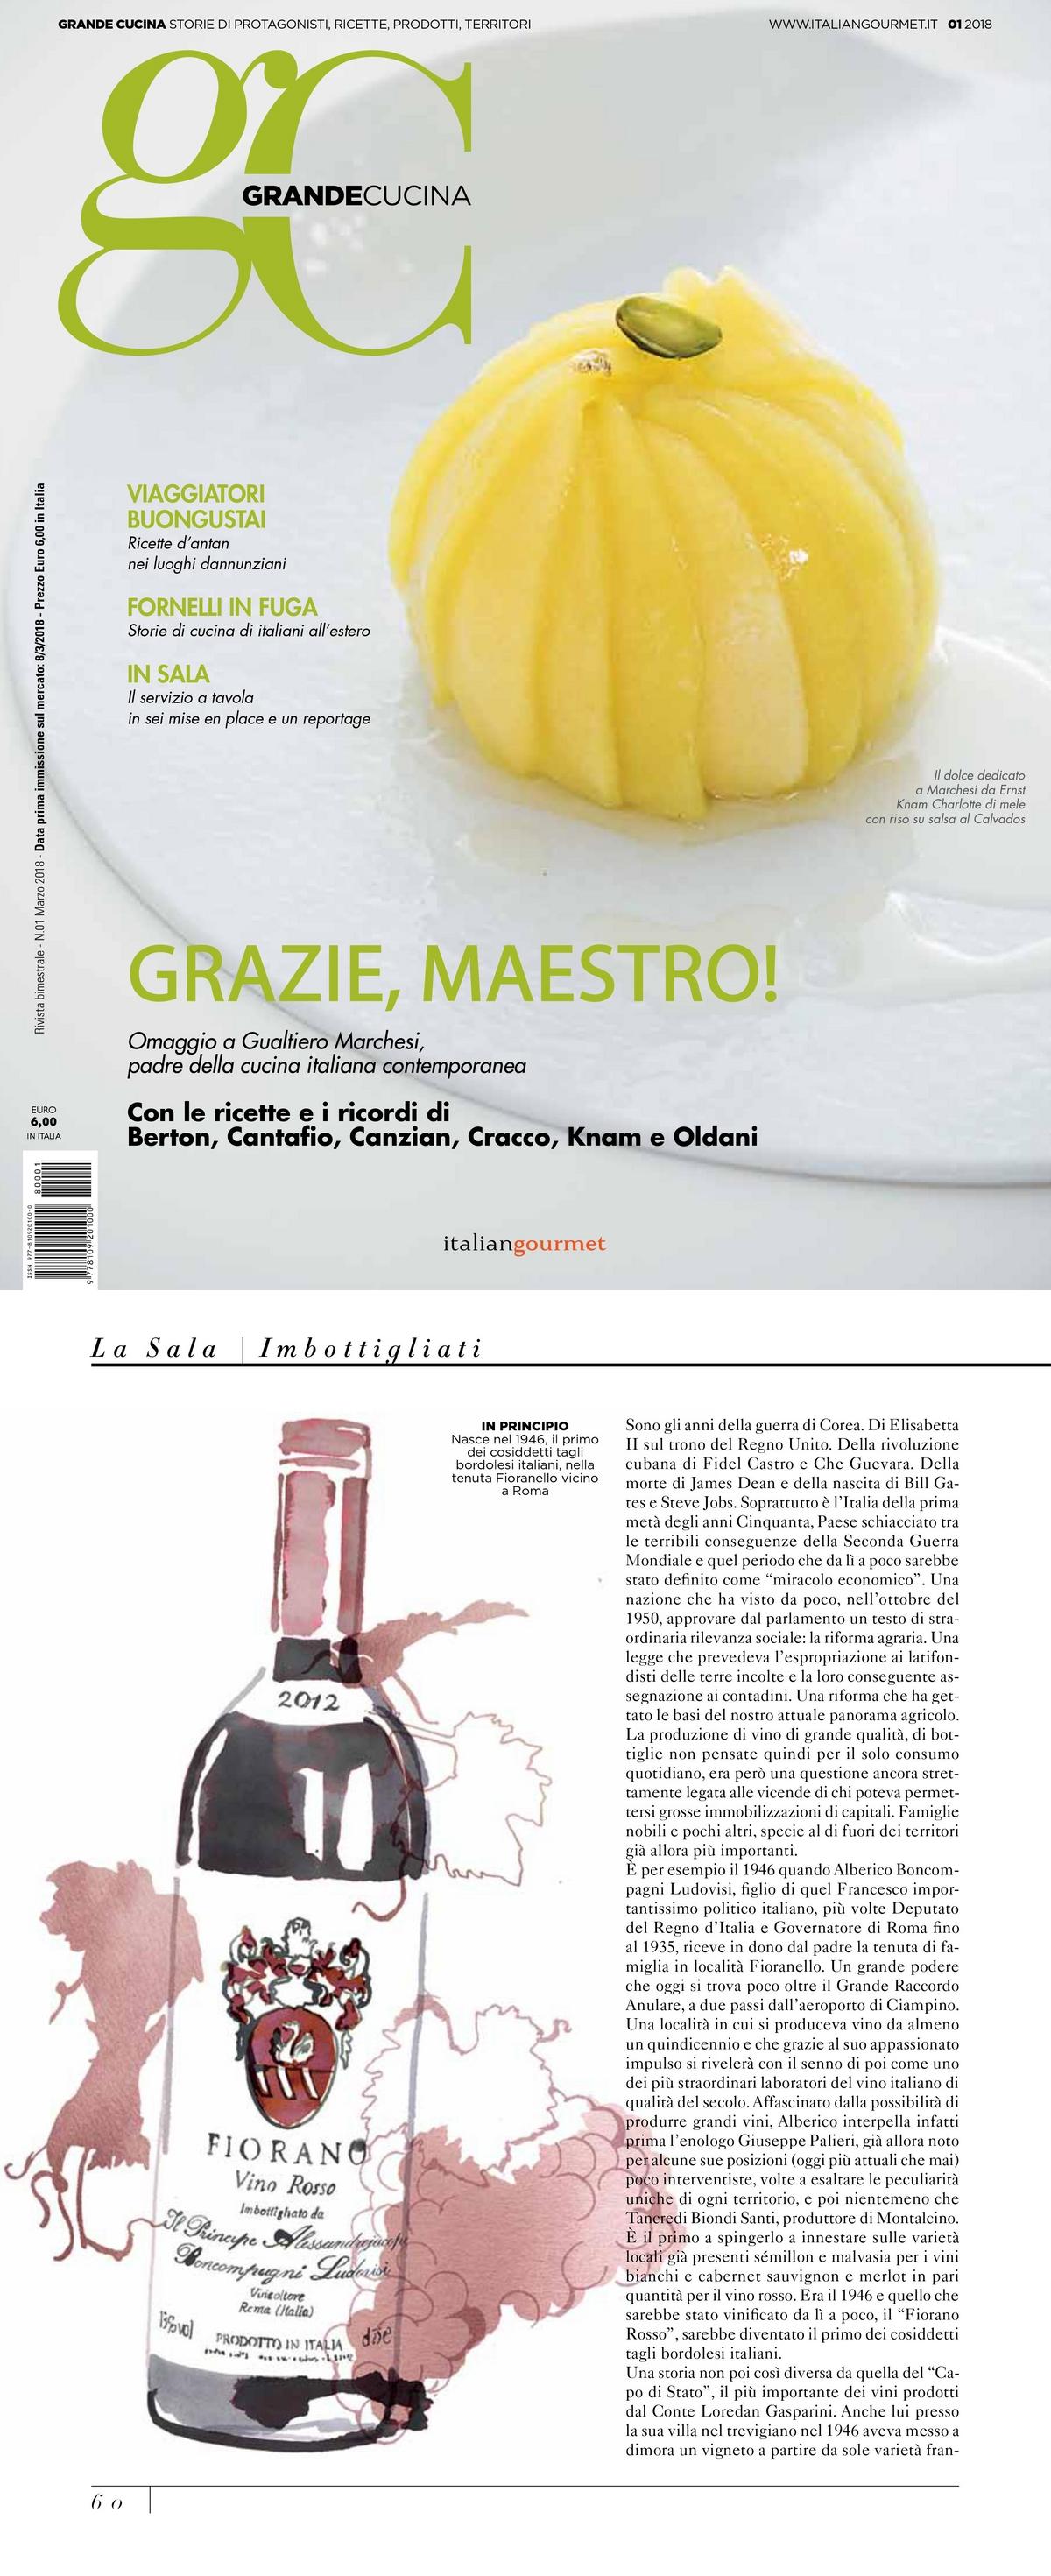 Cabernet Sauvignon e Merlot: il taglio bordolese italiano